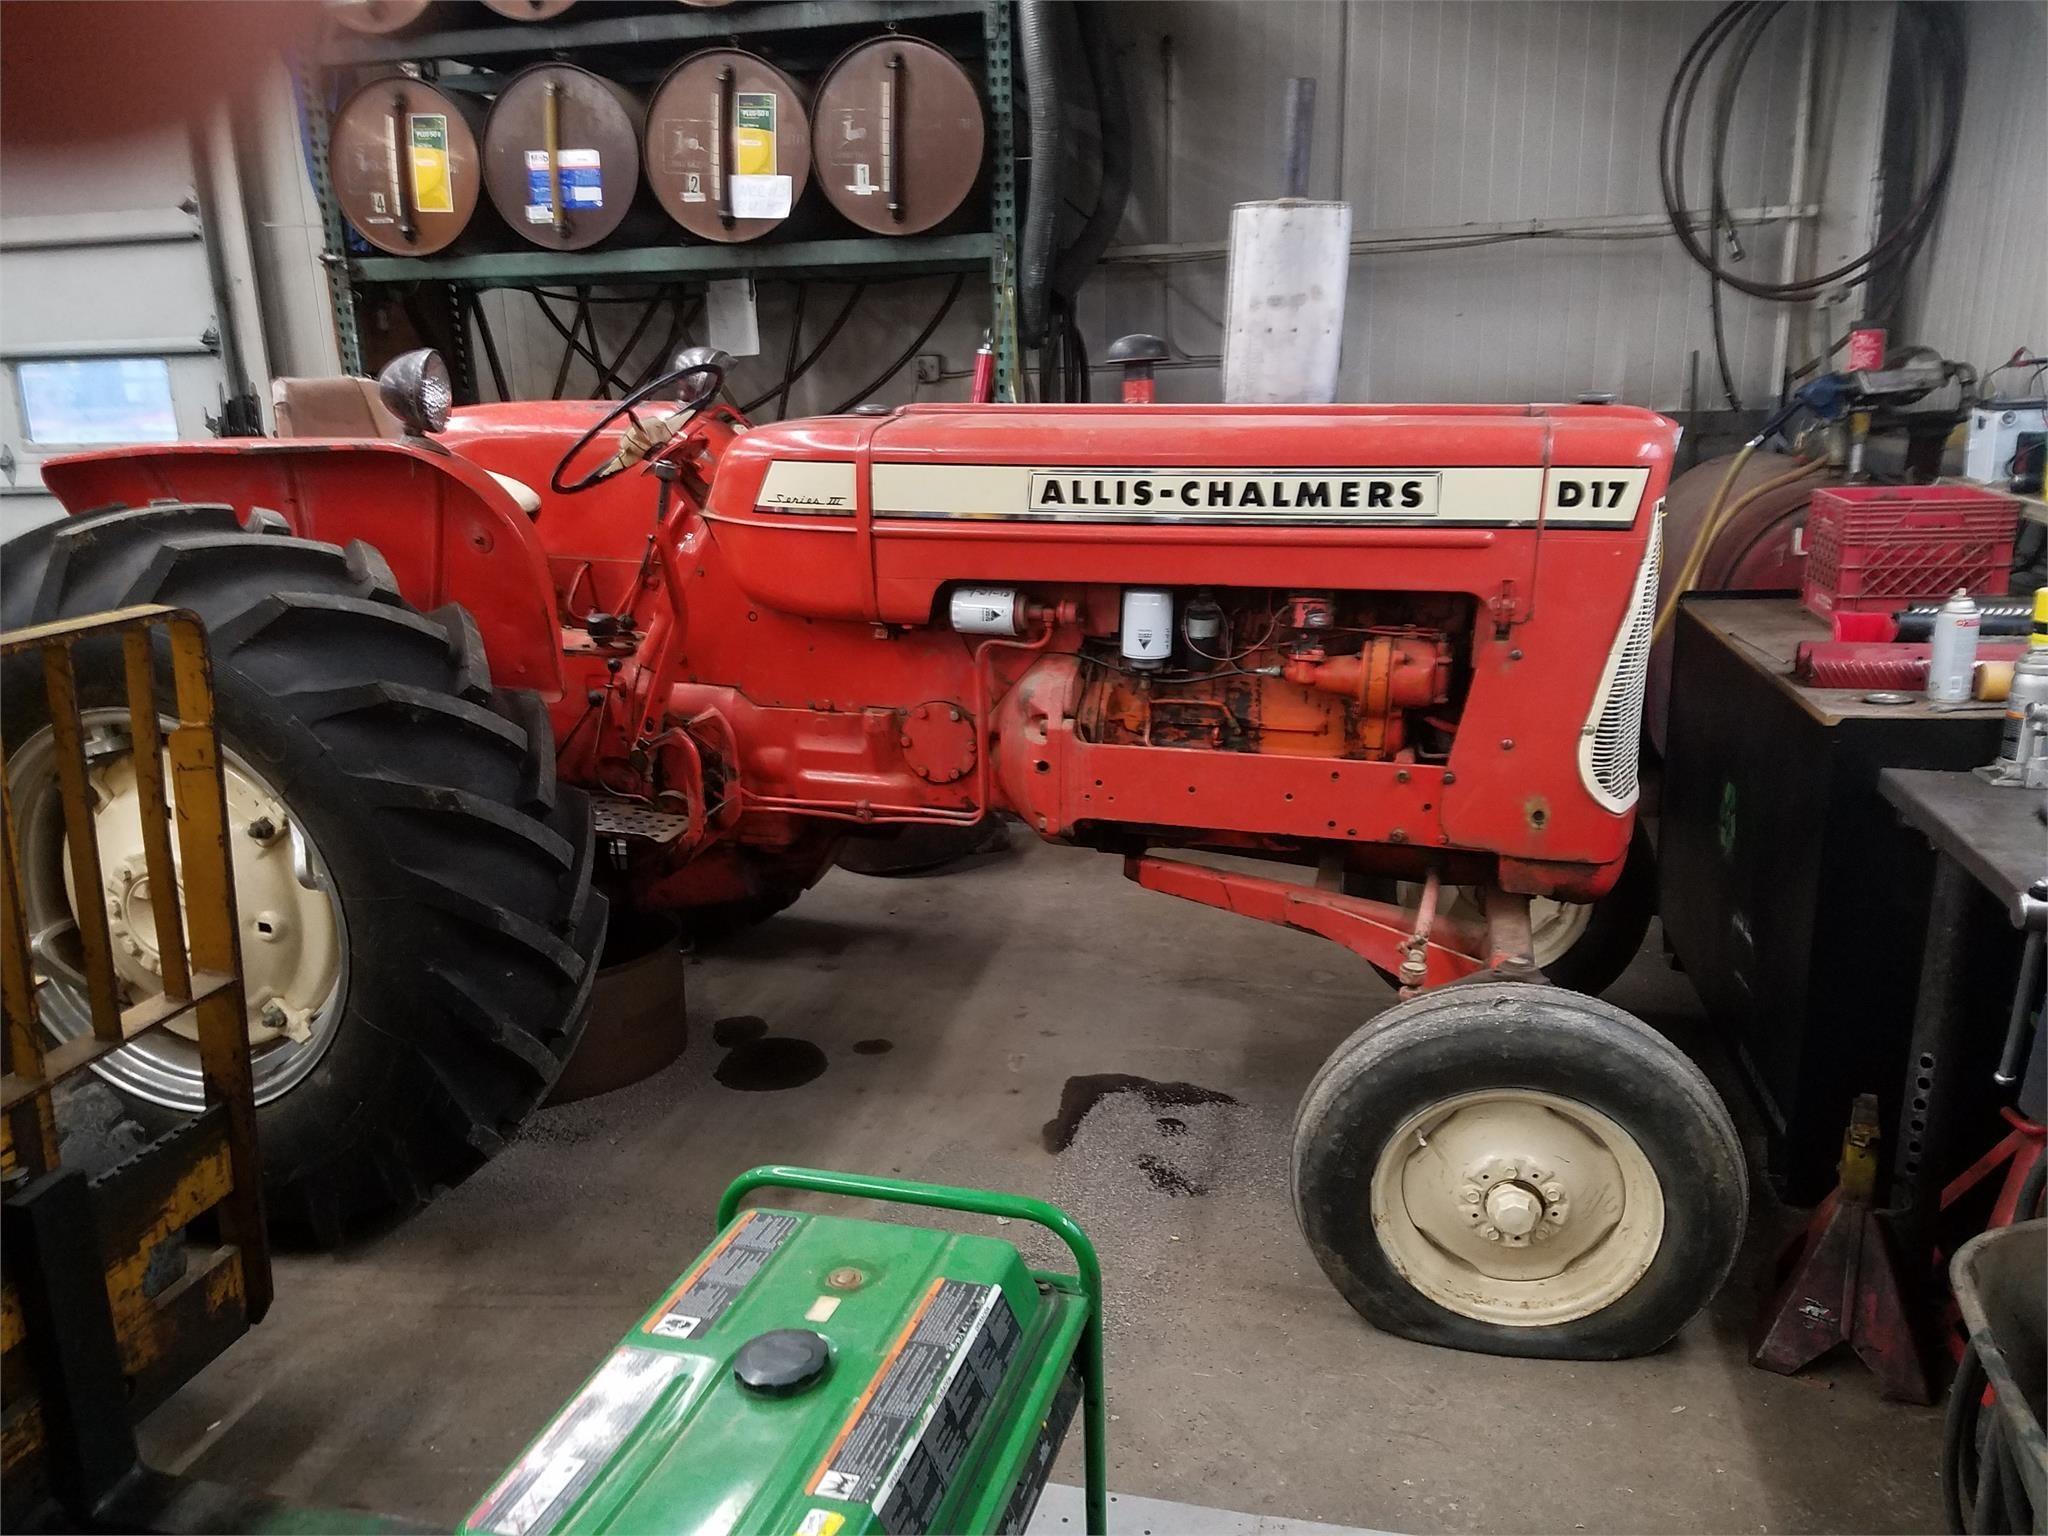 1964 Allis Chalmers D17 III Tractor